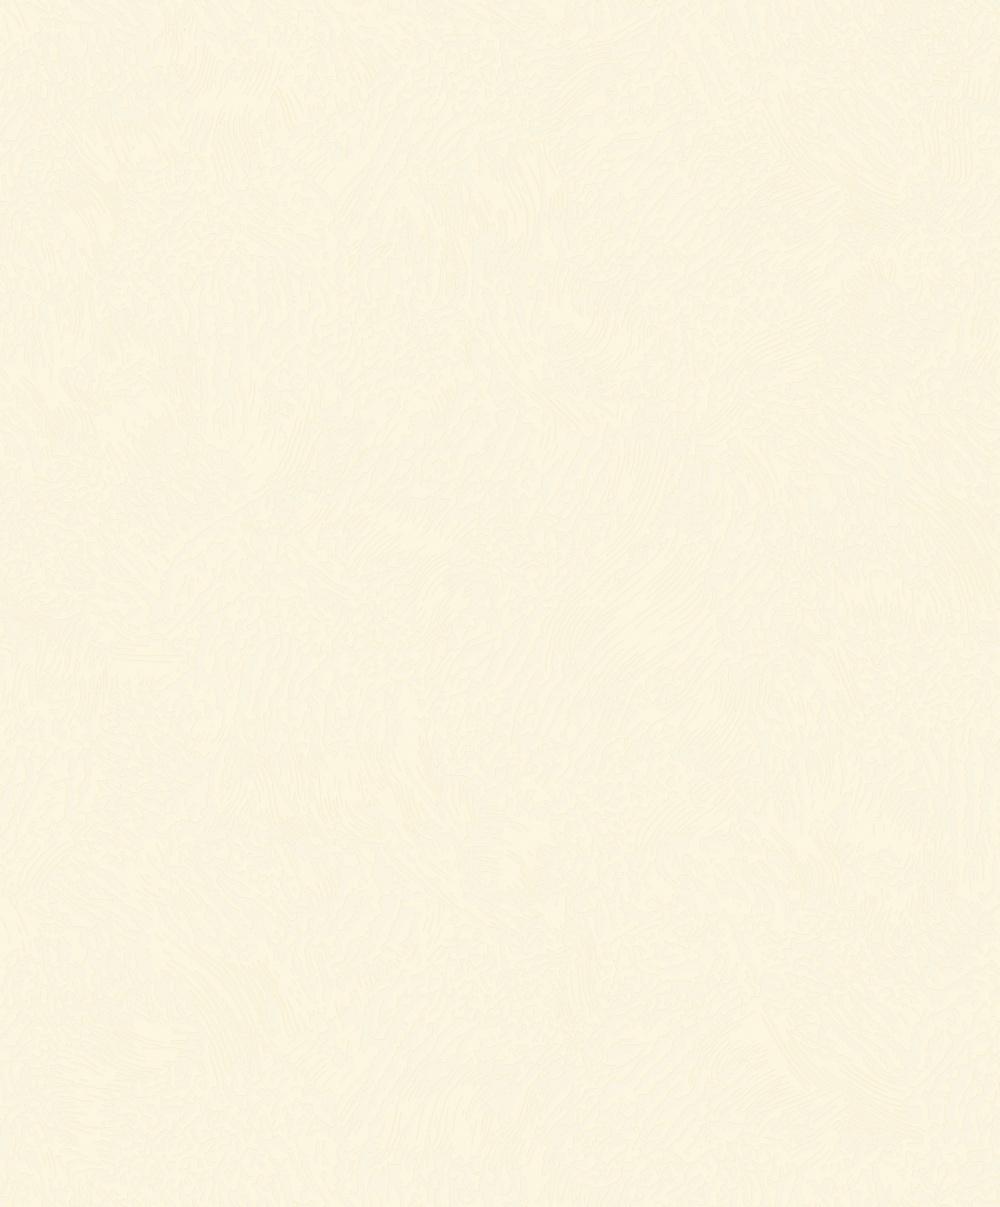 арт. 1076-05